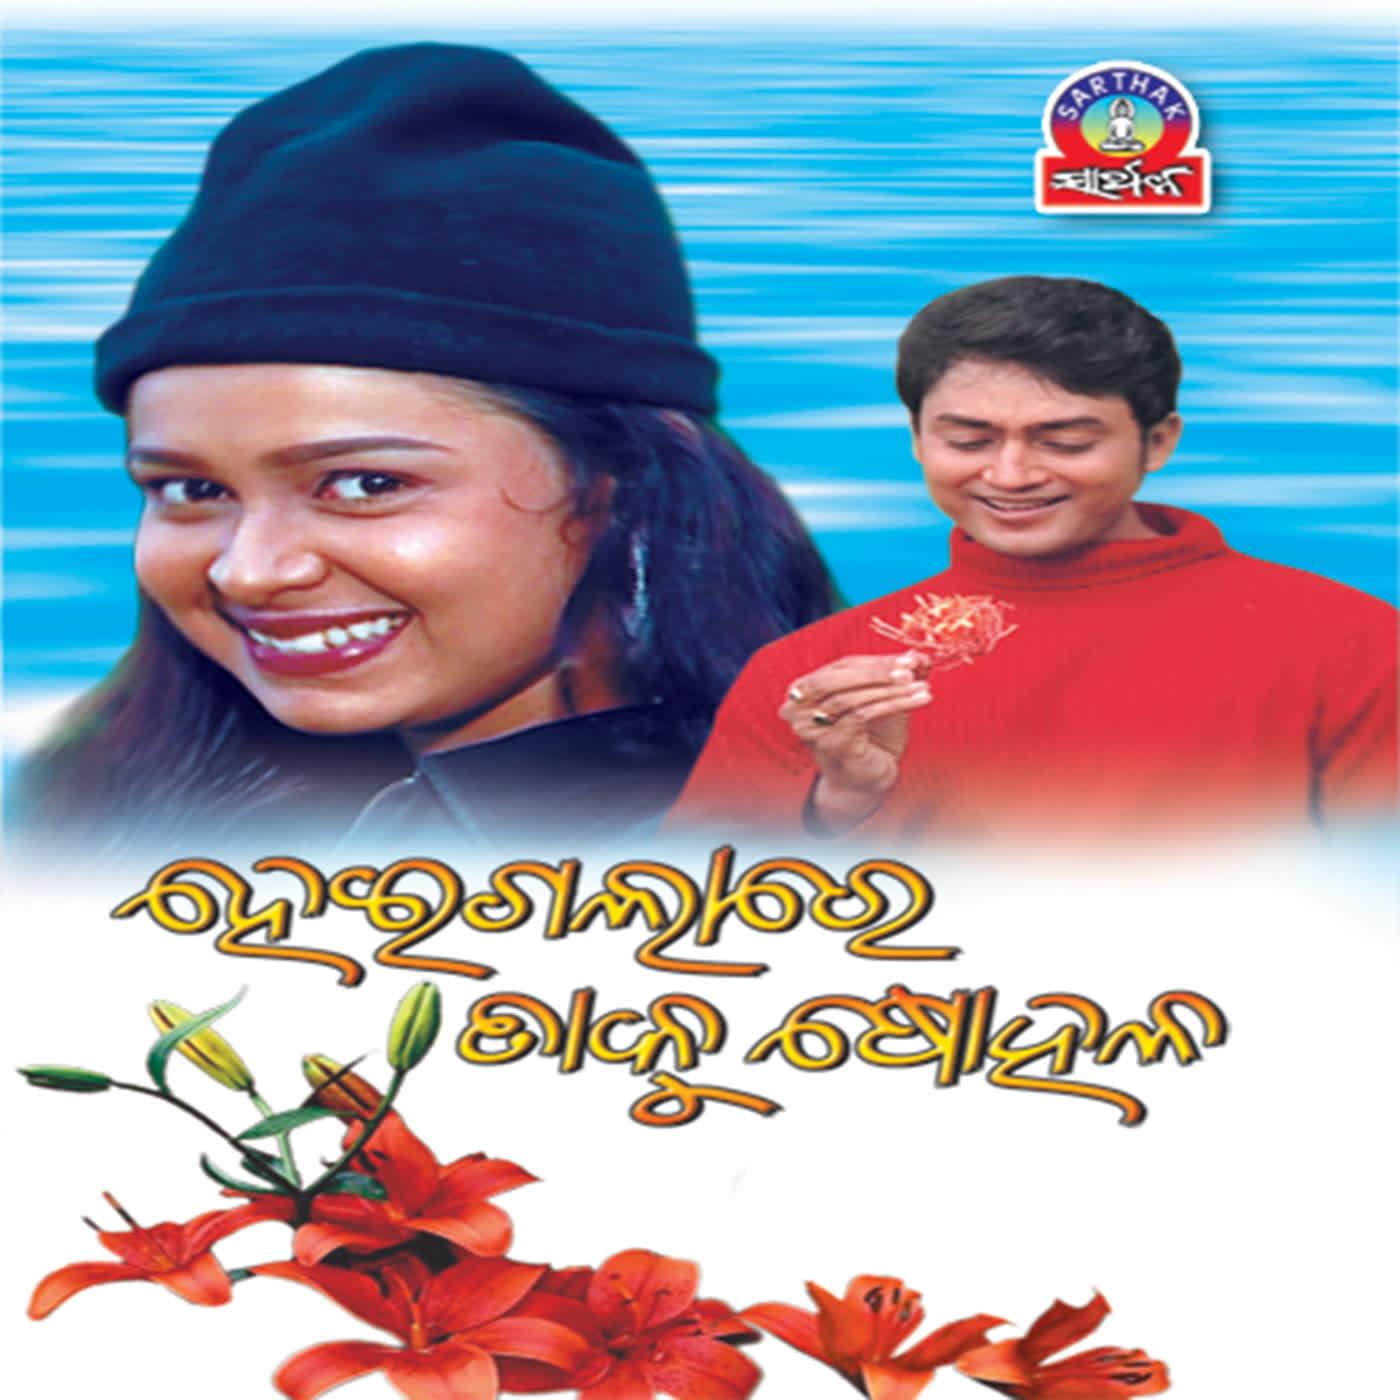 Bhabithili Kahariki Jama Chahinibini Kebe Thare (Nibedita)